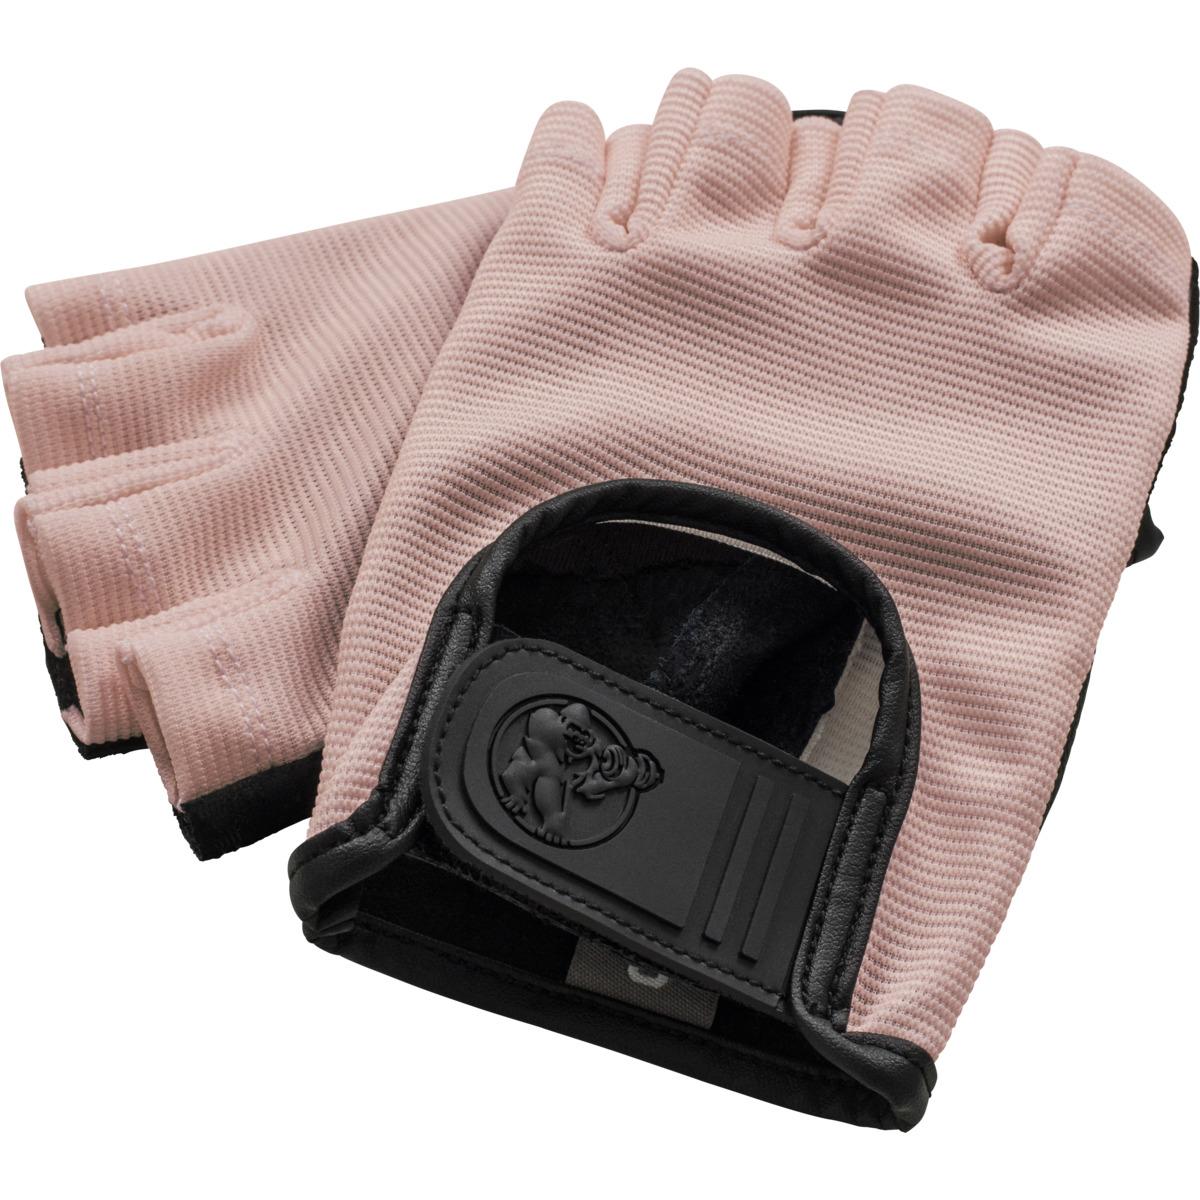 Fitness Handschuhe Leder Rosa M